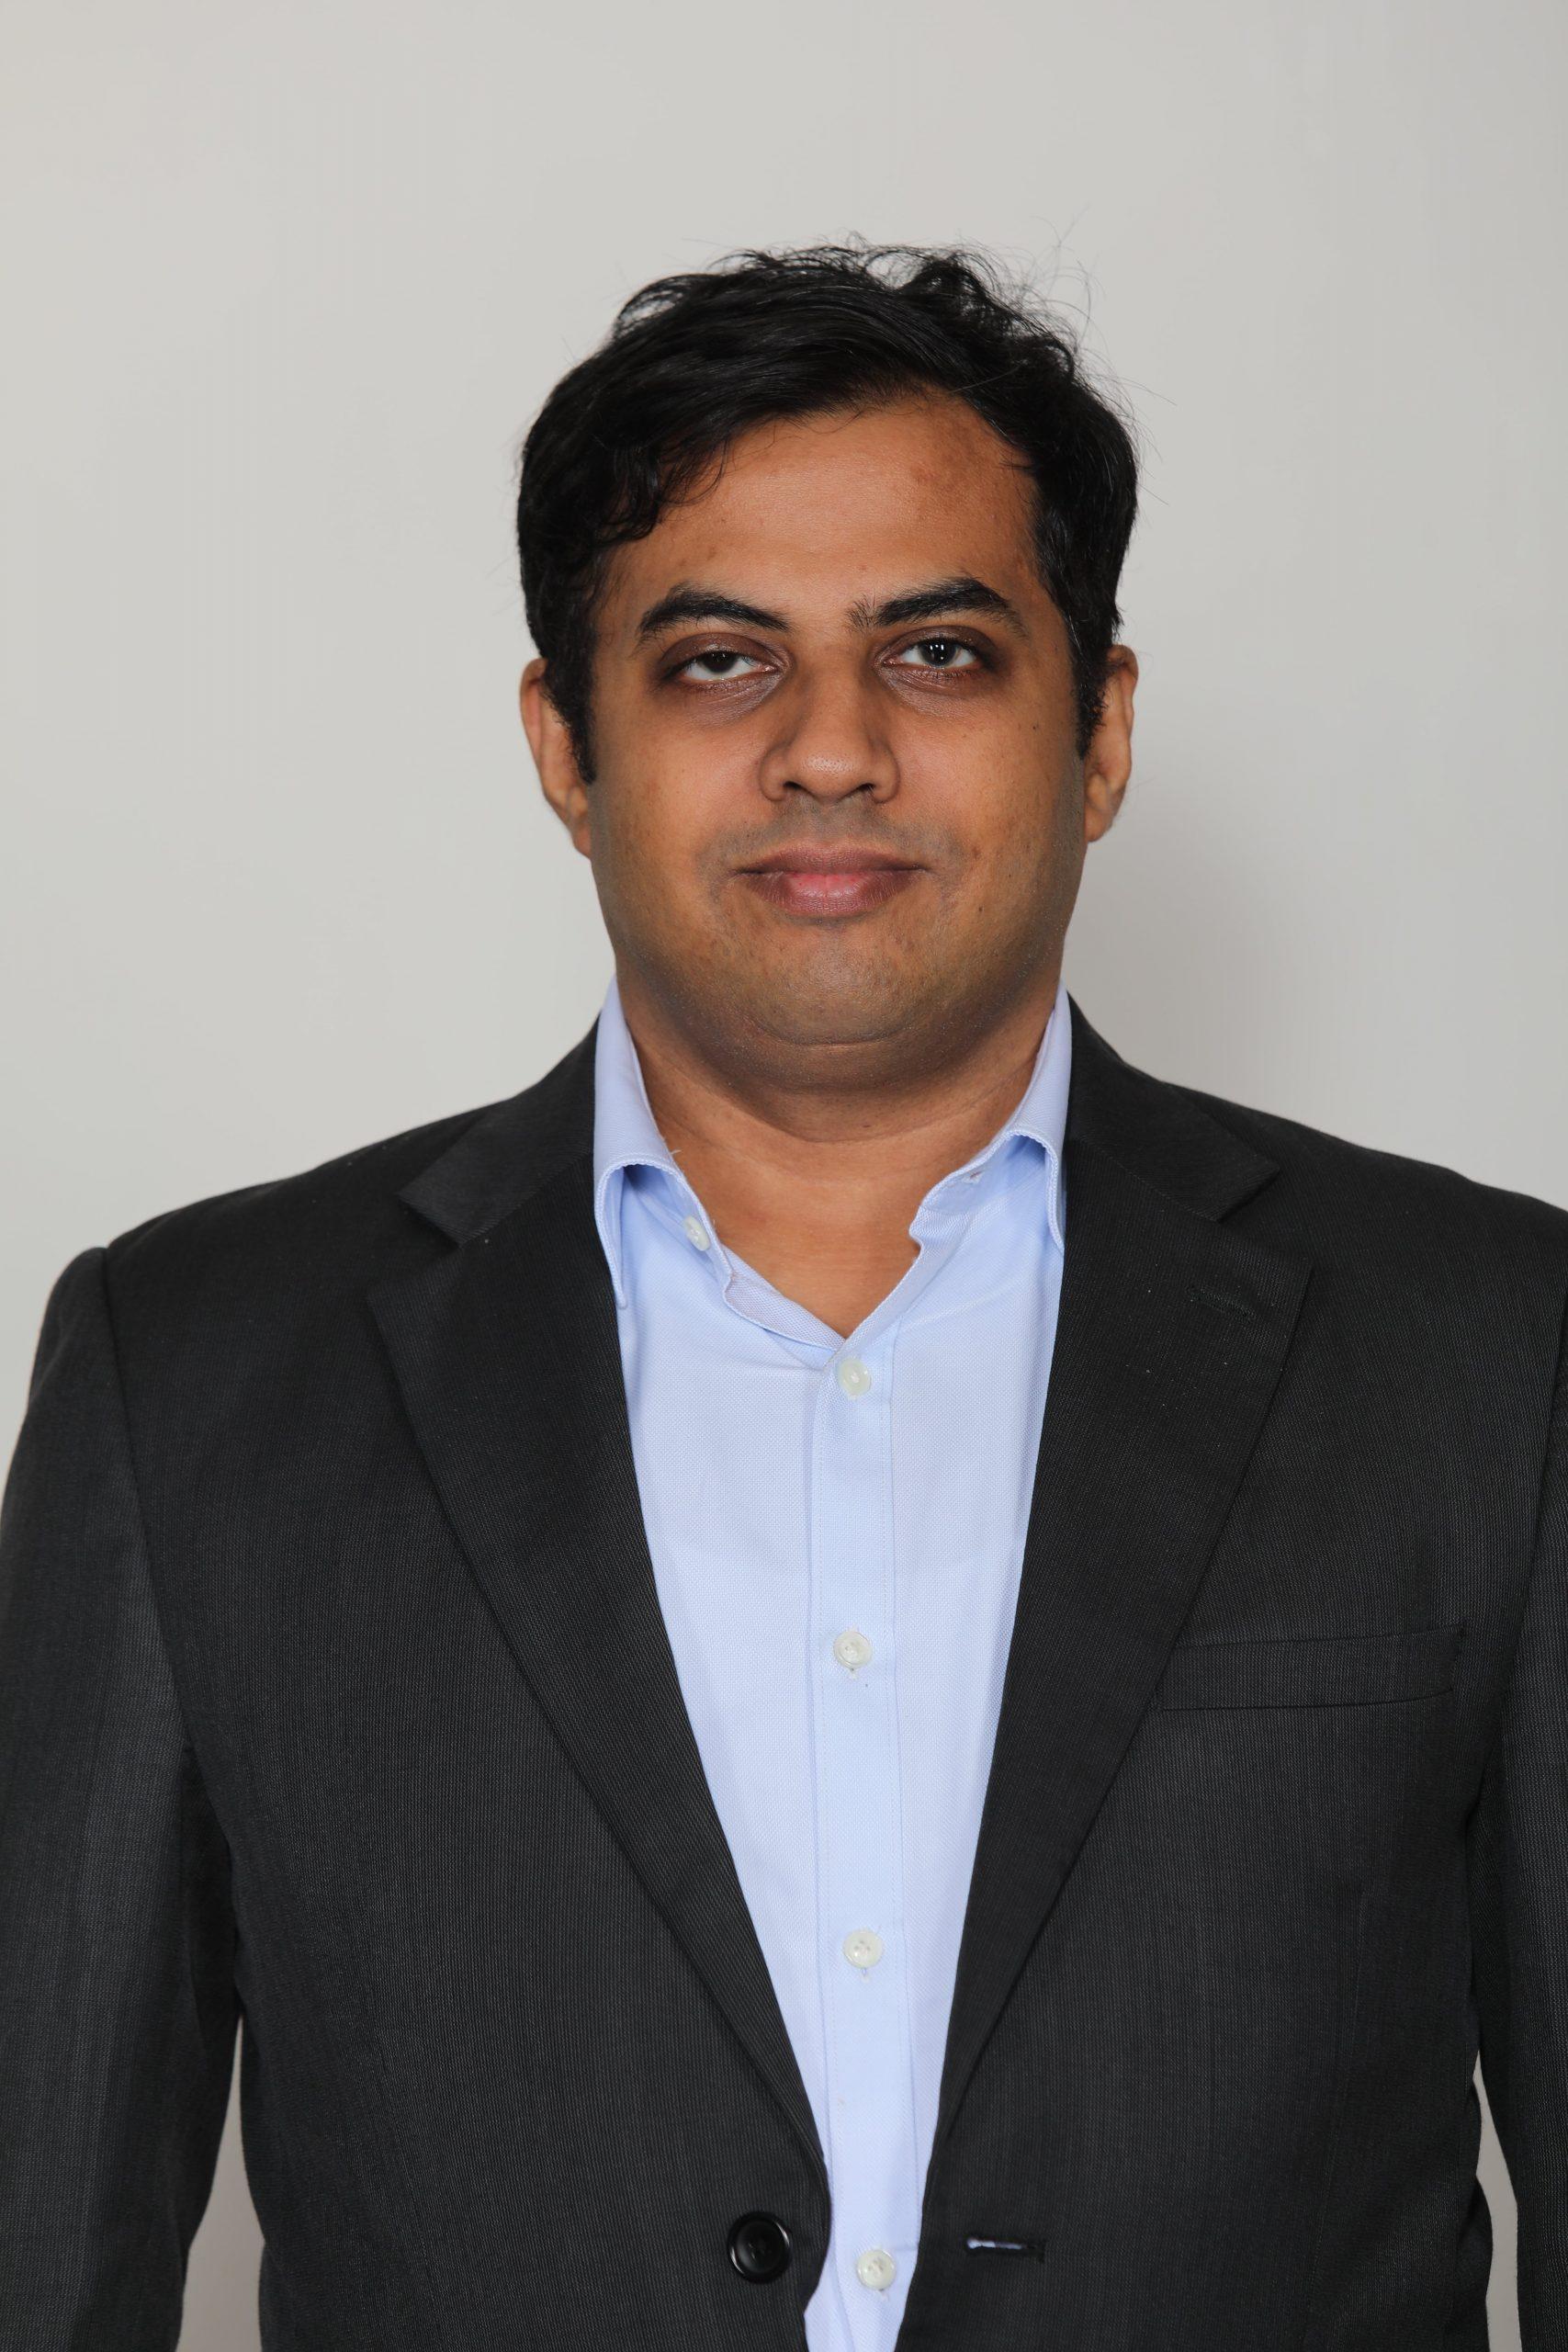 Shyamkant Joshi